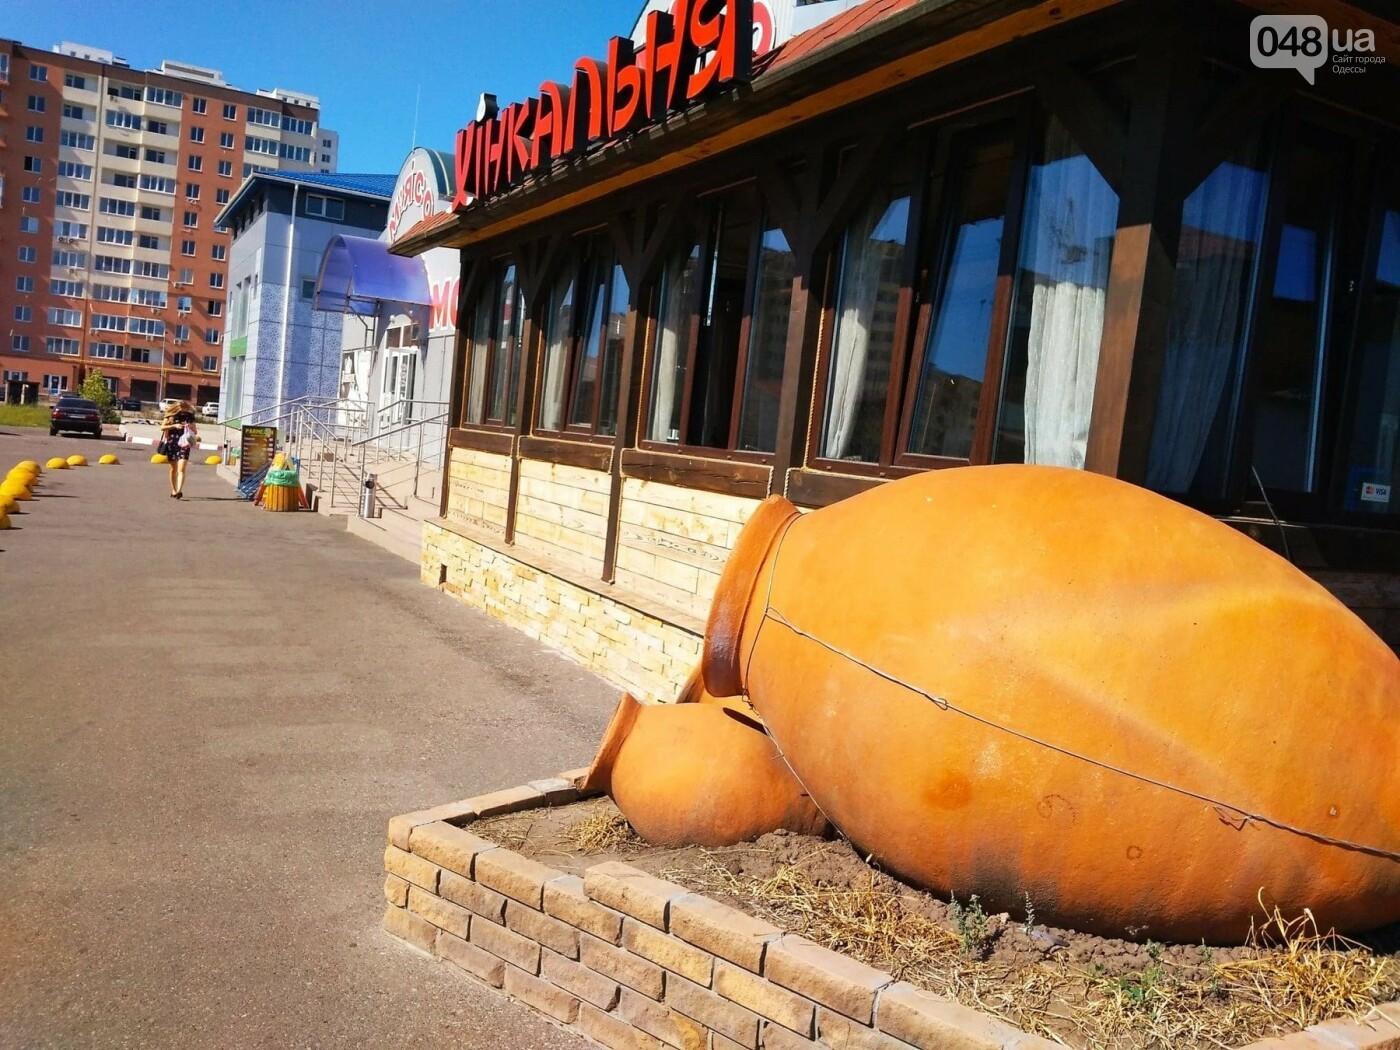 Ищем, где дешевле в Одессе: обзор цен на продукты на рынках Котовского, - ФОТО, ИНФОГРАФИКА, фото-9